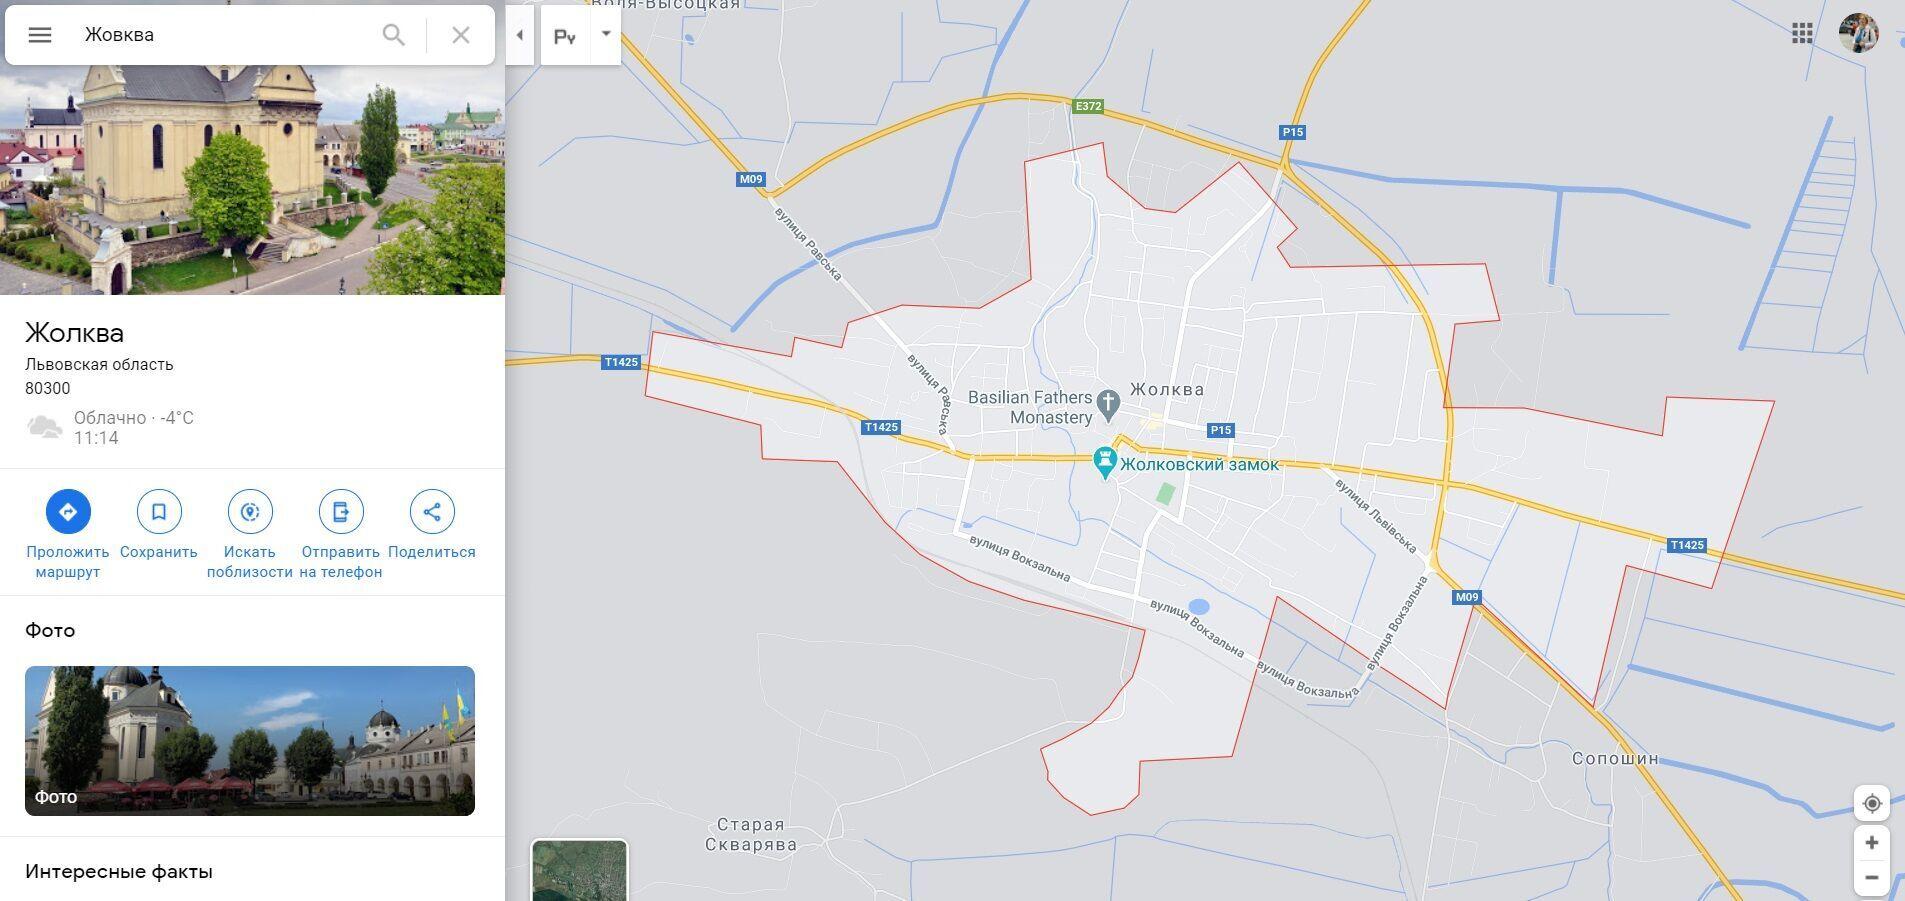 Жовква на карте